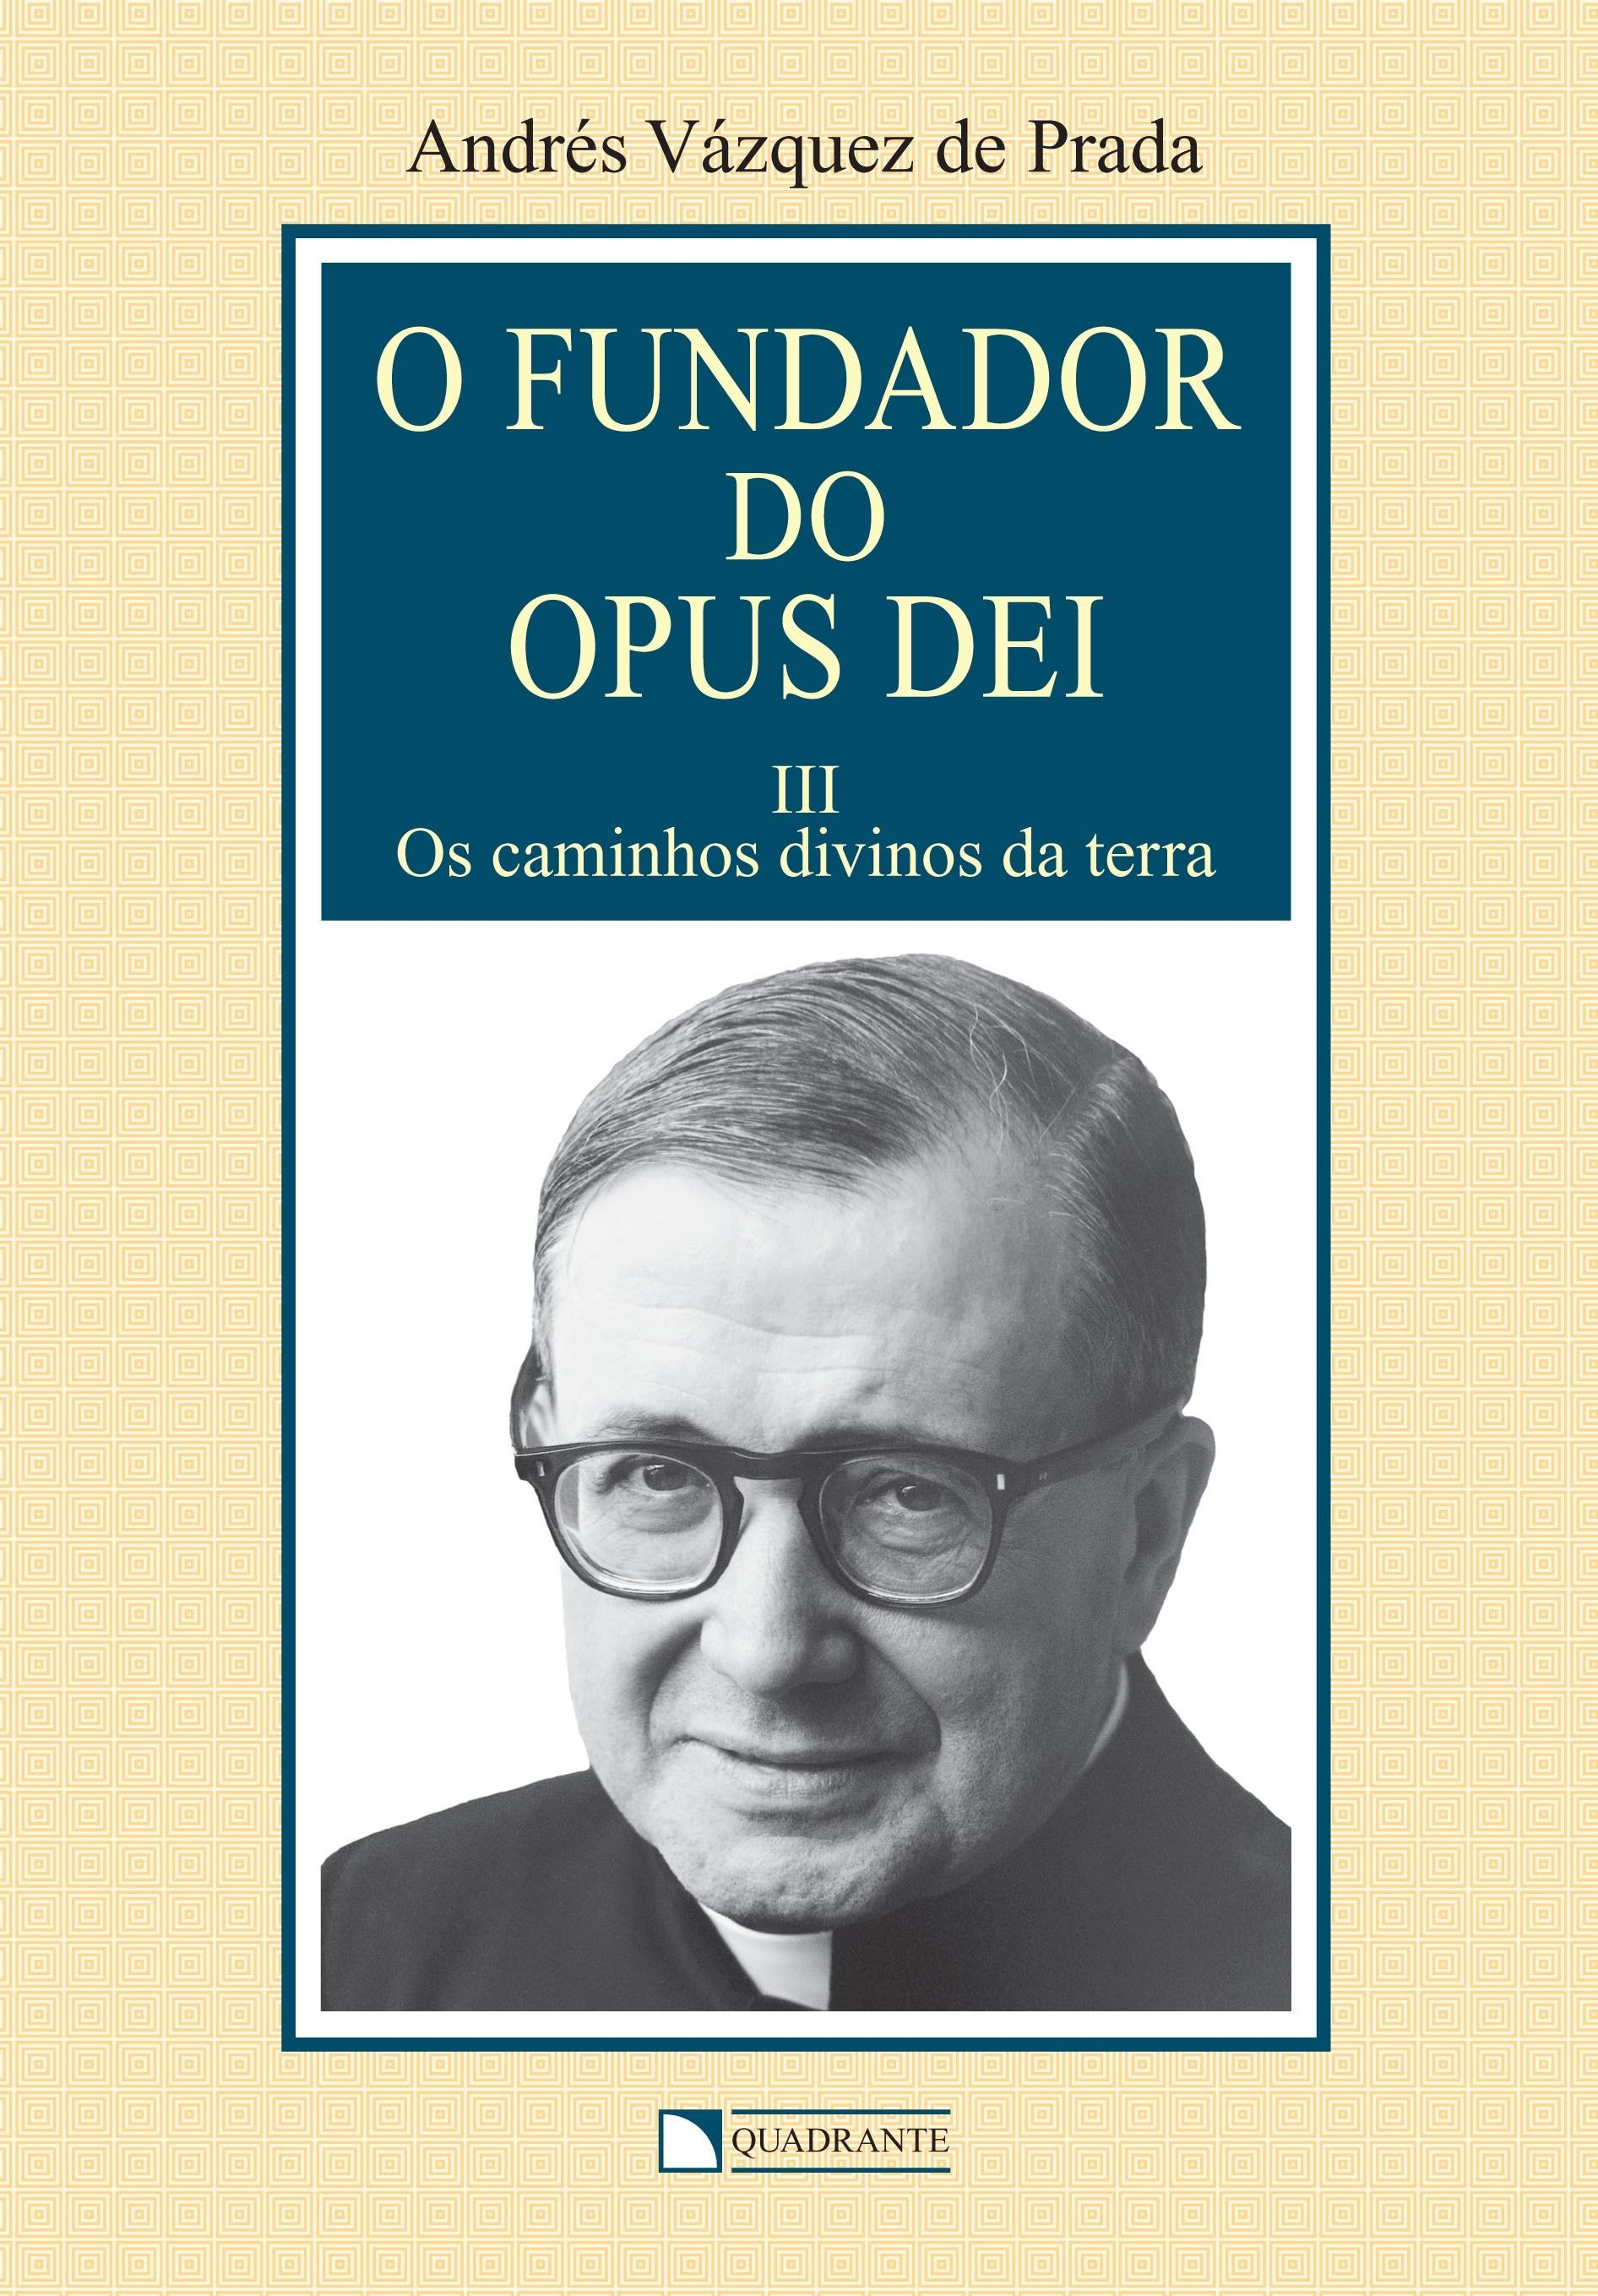 O Fundador do Opus Dei - Volume 3 - Os caminhos divinos da terra